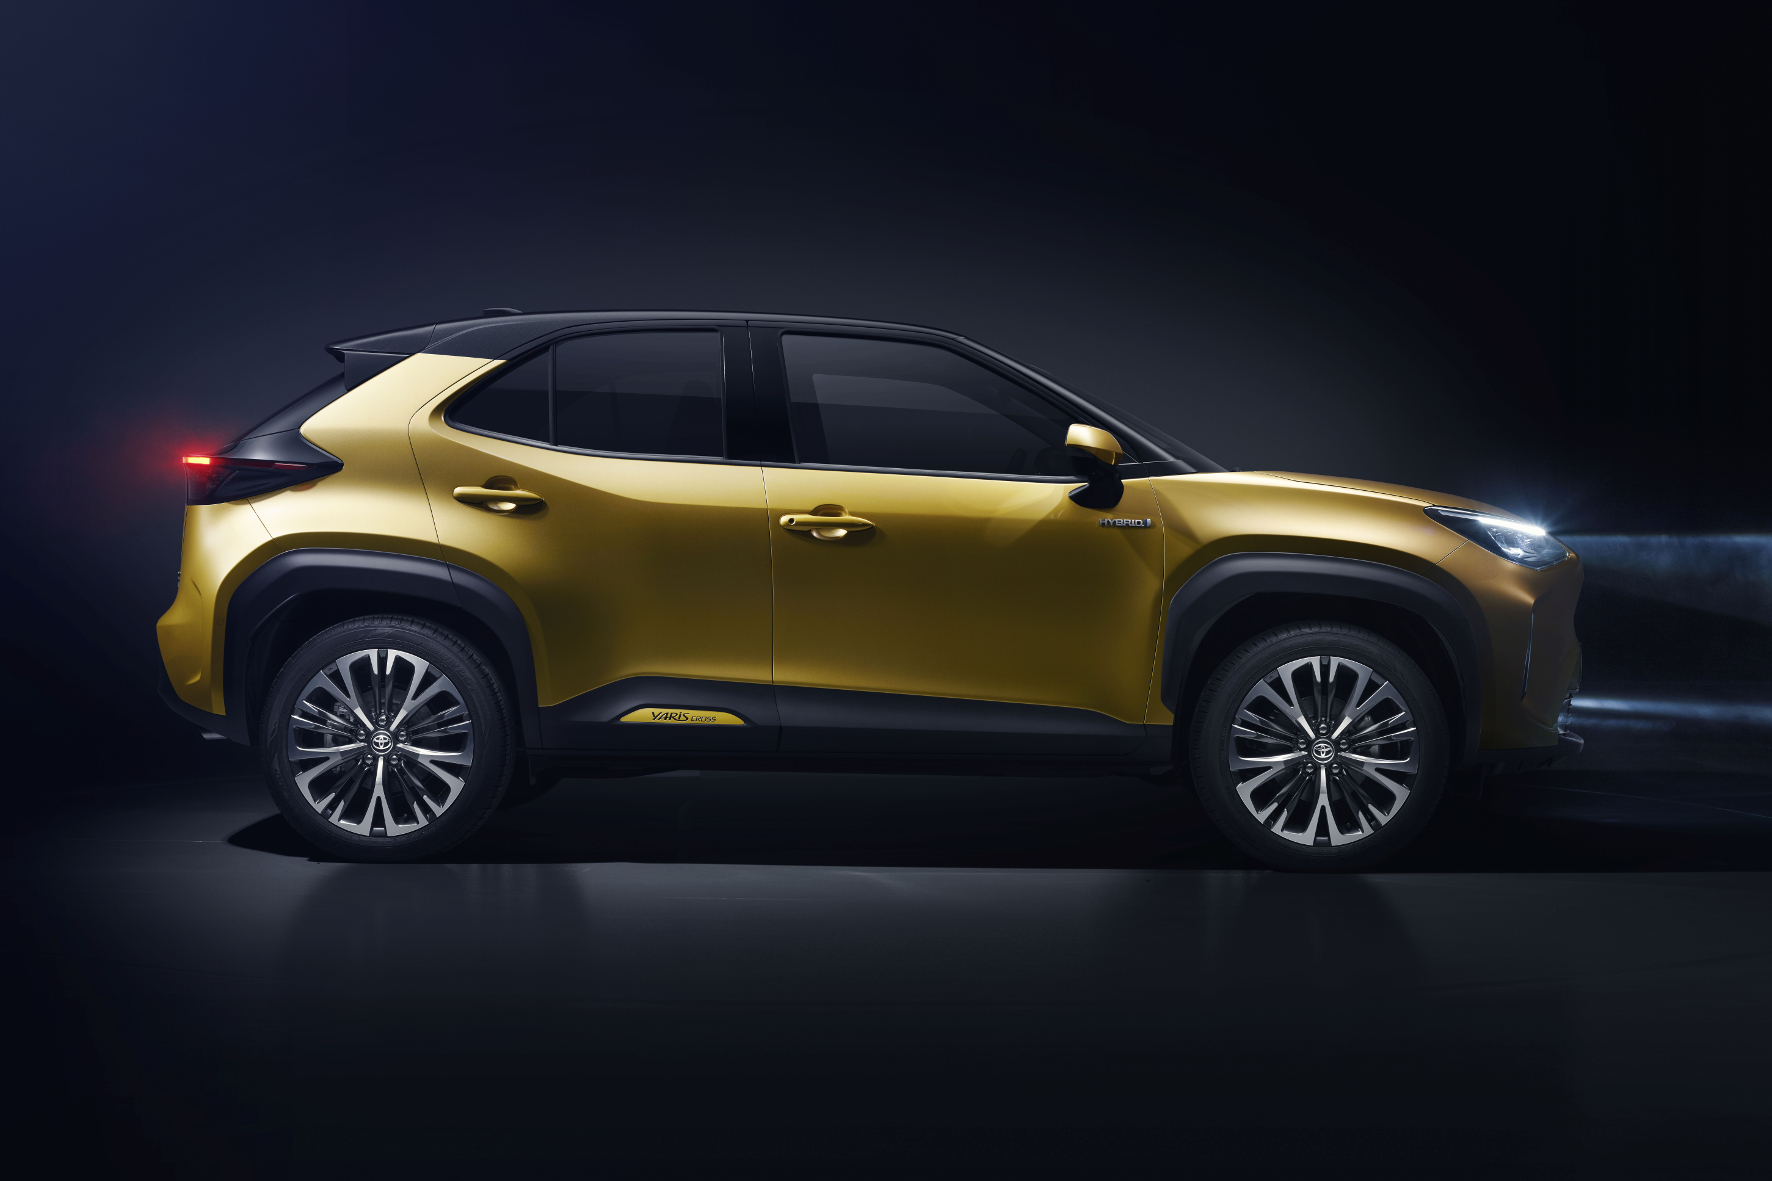 Seitenansicht Toyota Yaris vor dunklem Hintergrund.